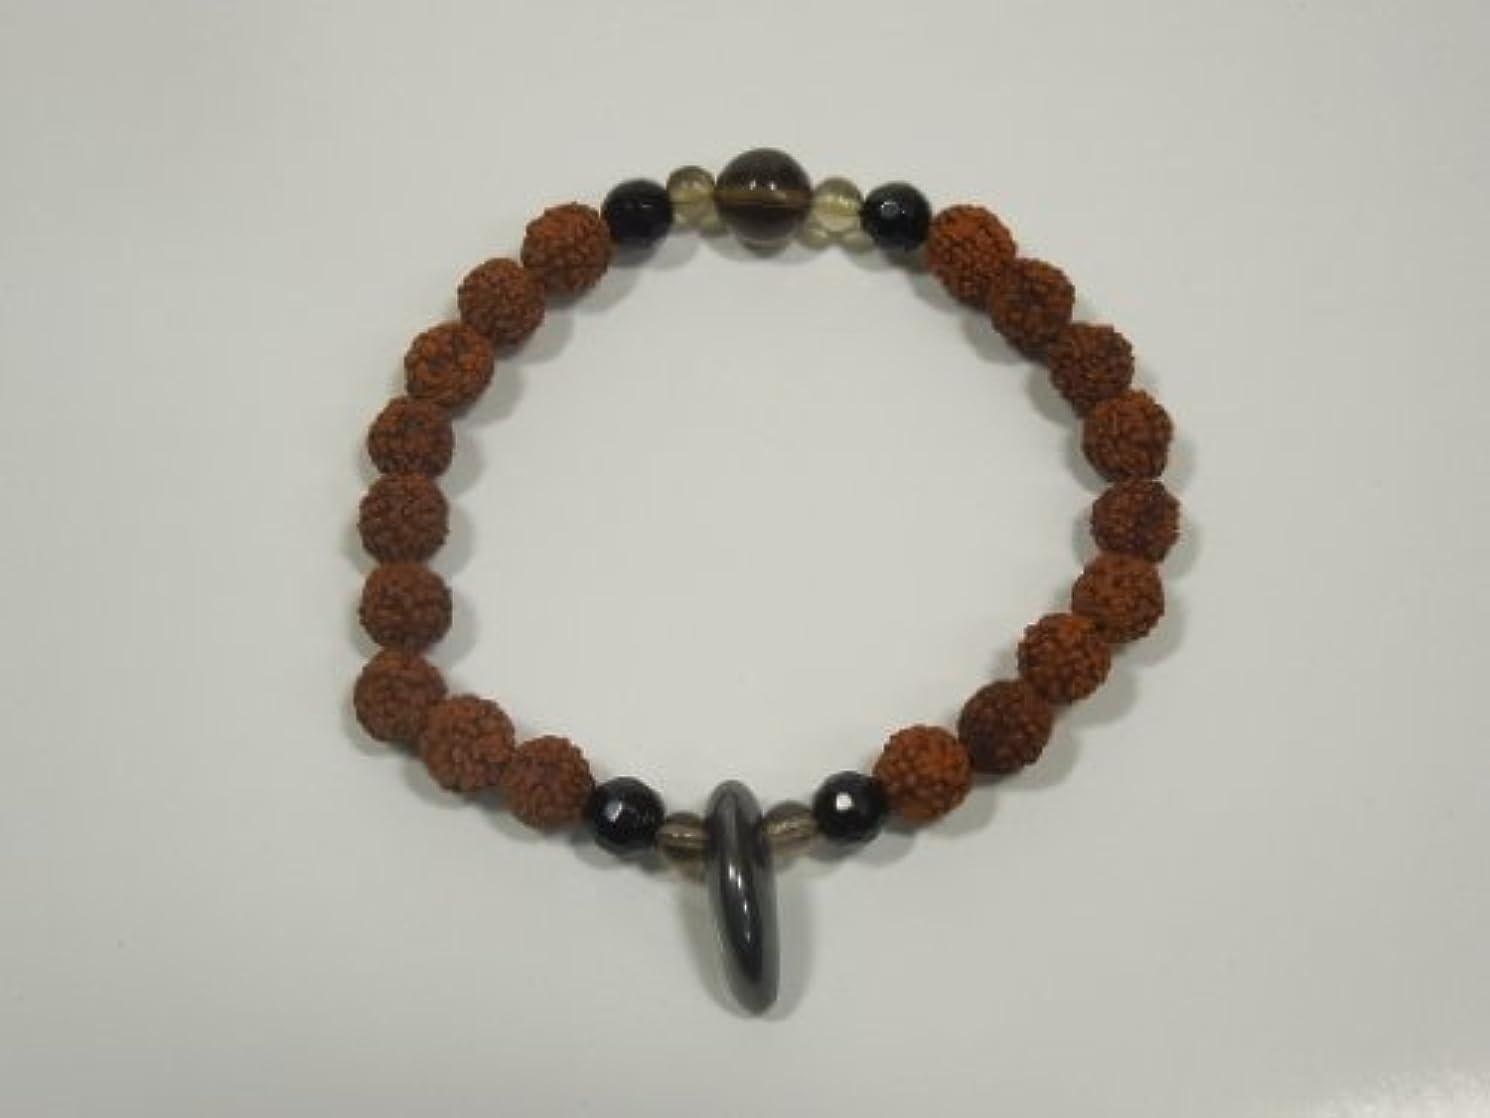 アクロバット狼エンドウ神々が棲む島 Bali より Root Thakra (チャクラ)のパワーストーン  ムーラダーラ